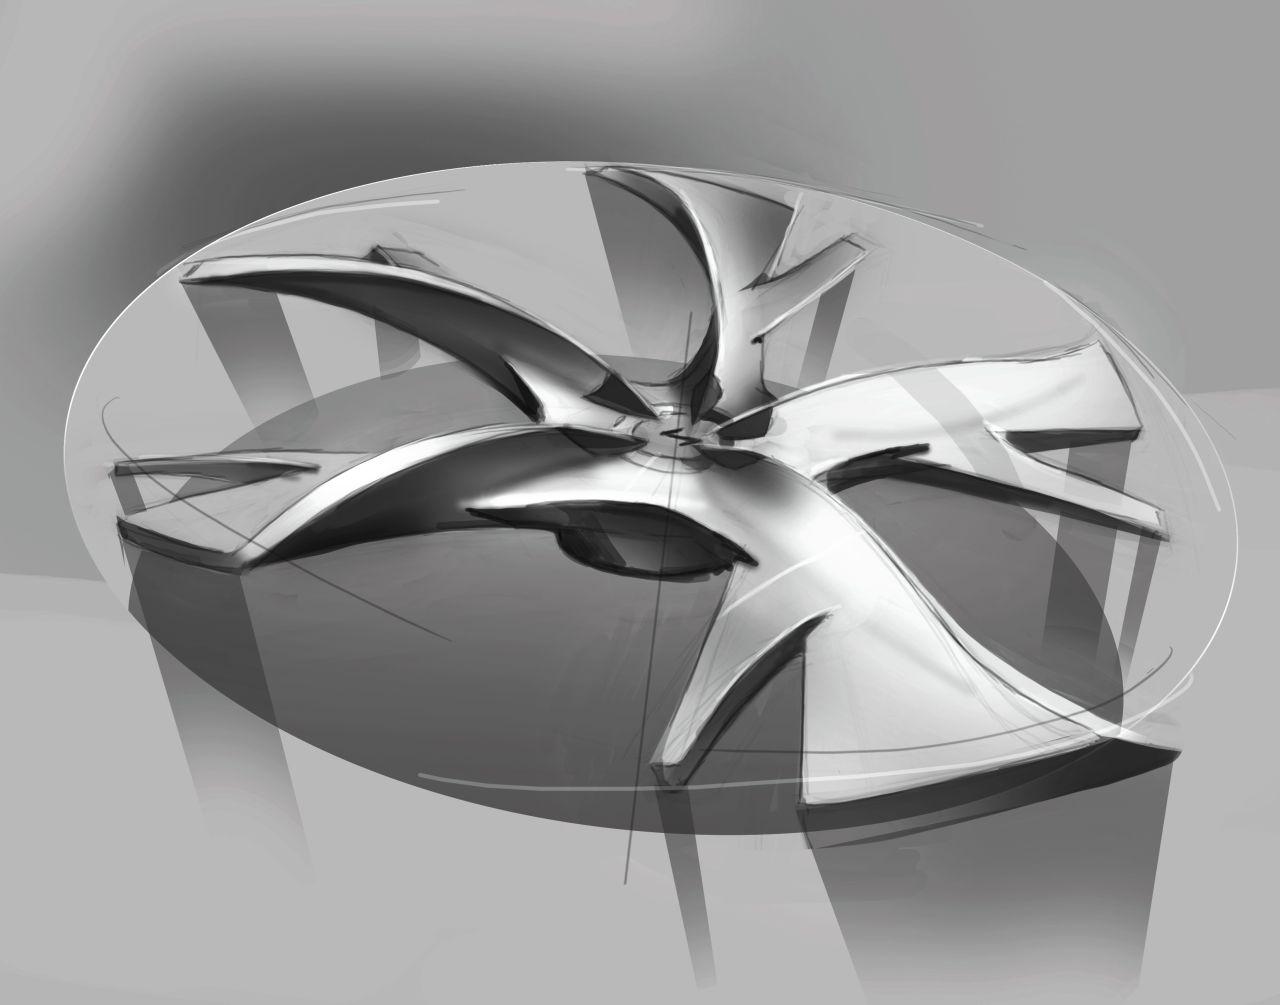 Hyundai I Flow Concept Wheel Design Sketch Car Body Design